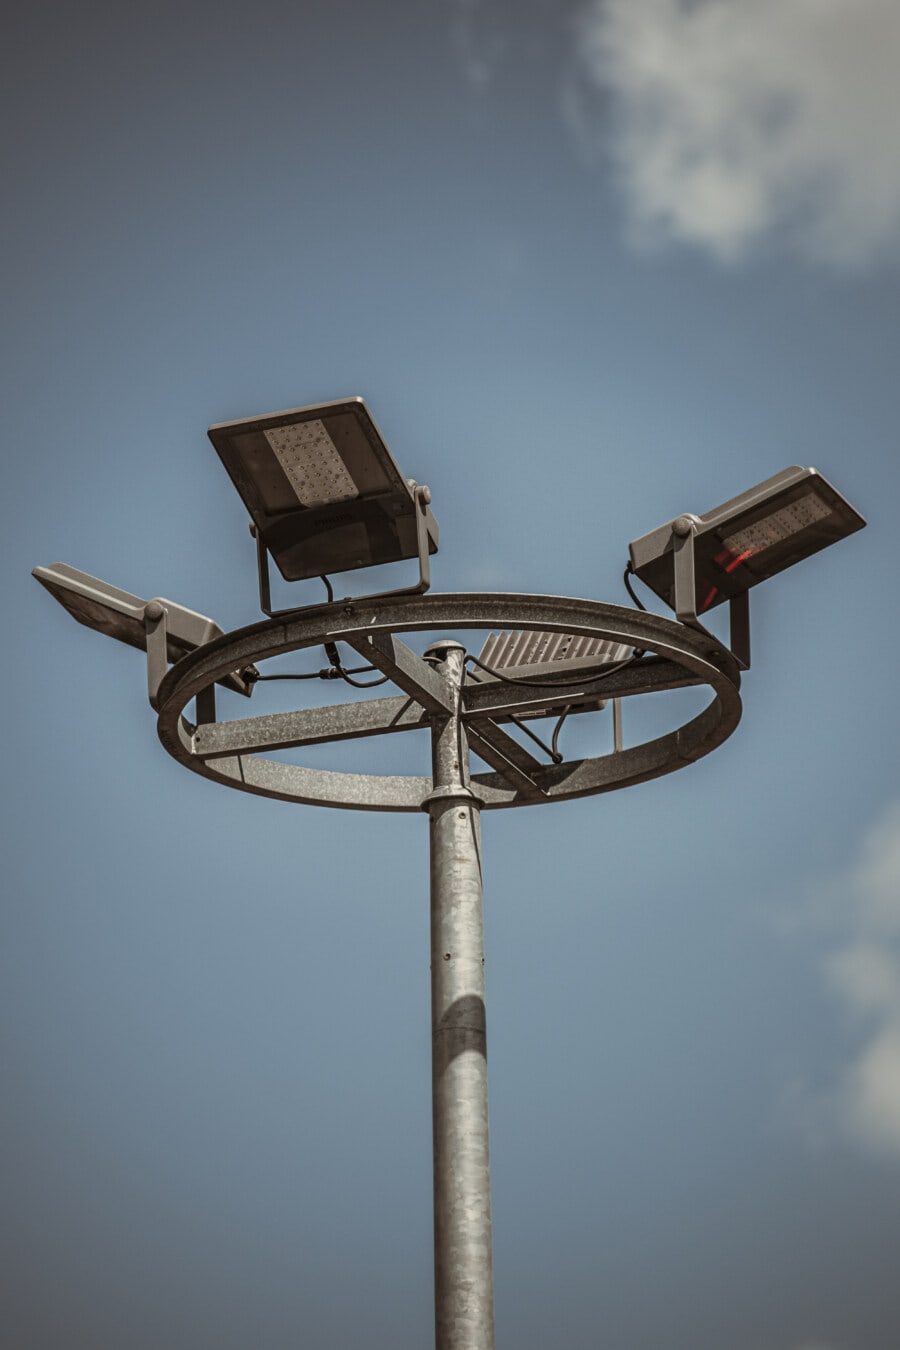 Straße, Lampe, moderne, Branche, Tageslicht, Edelstahl, Spannung, Strom, Ausrüstung, alt